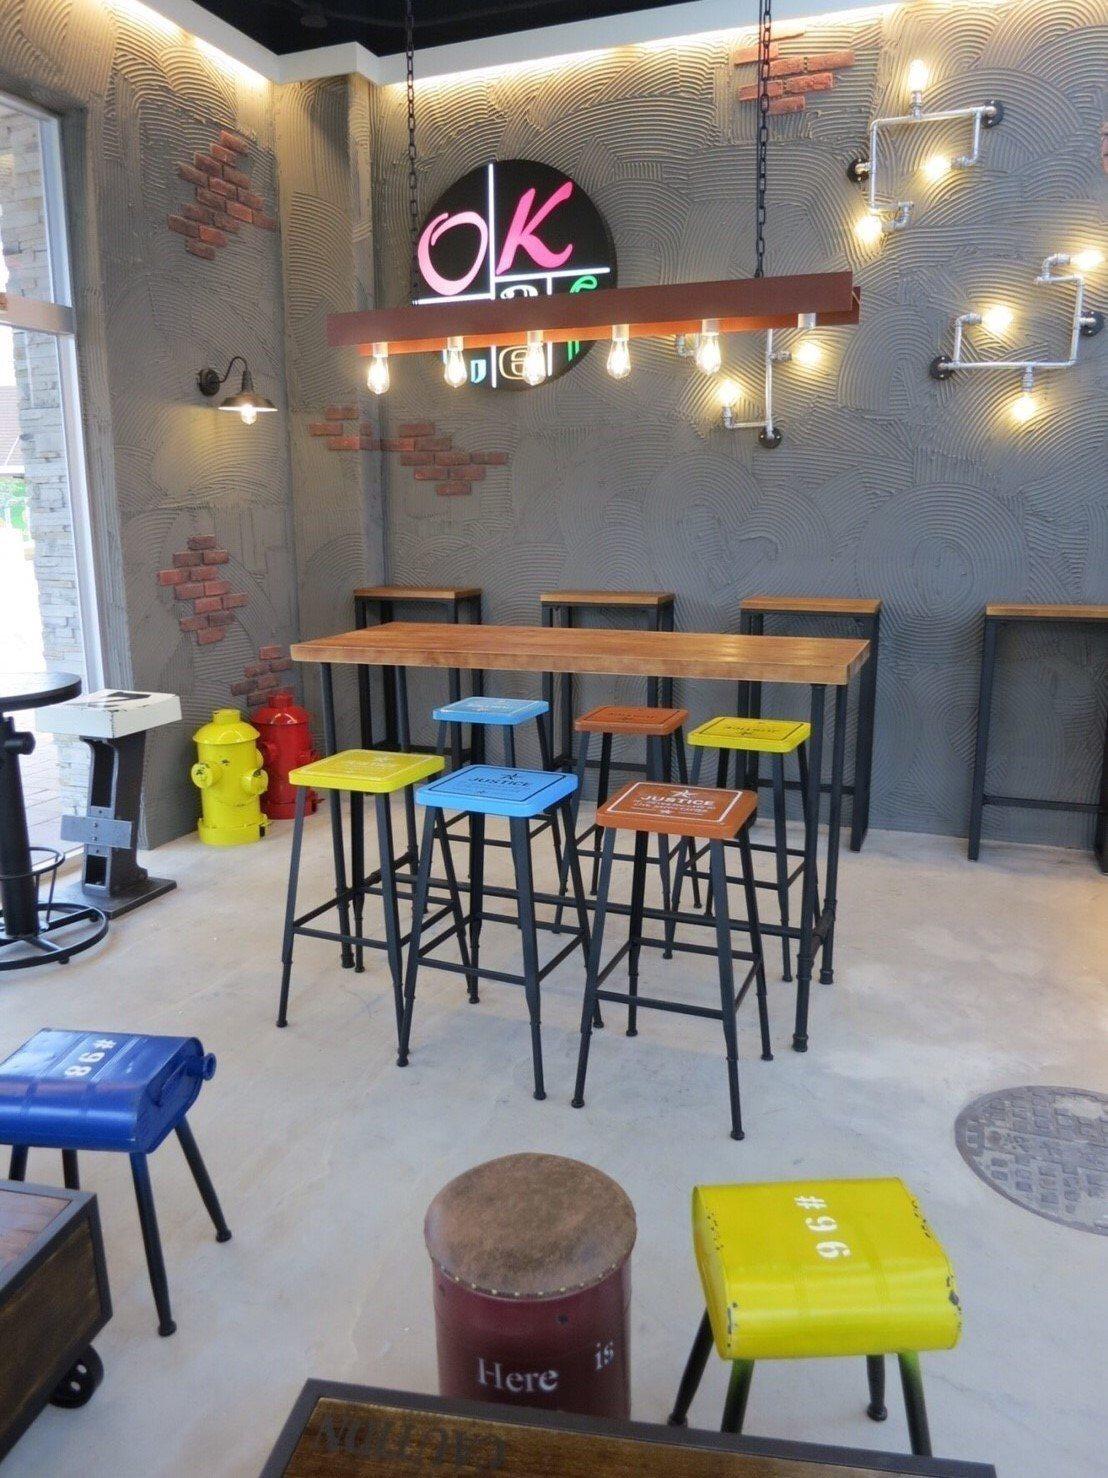 OKmart華泰中壢門市採用摩登工業風設計,運用鐵件、造型吊燈與彩色木紋椅詮釋餐...